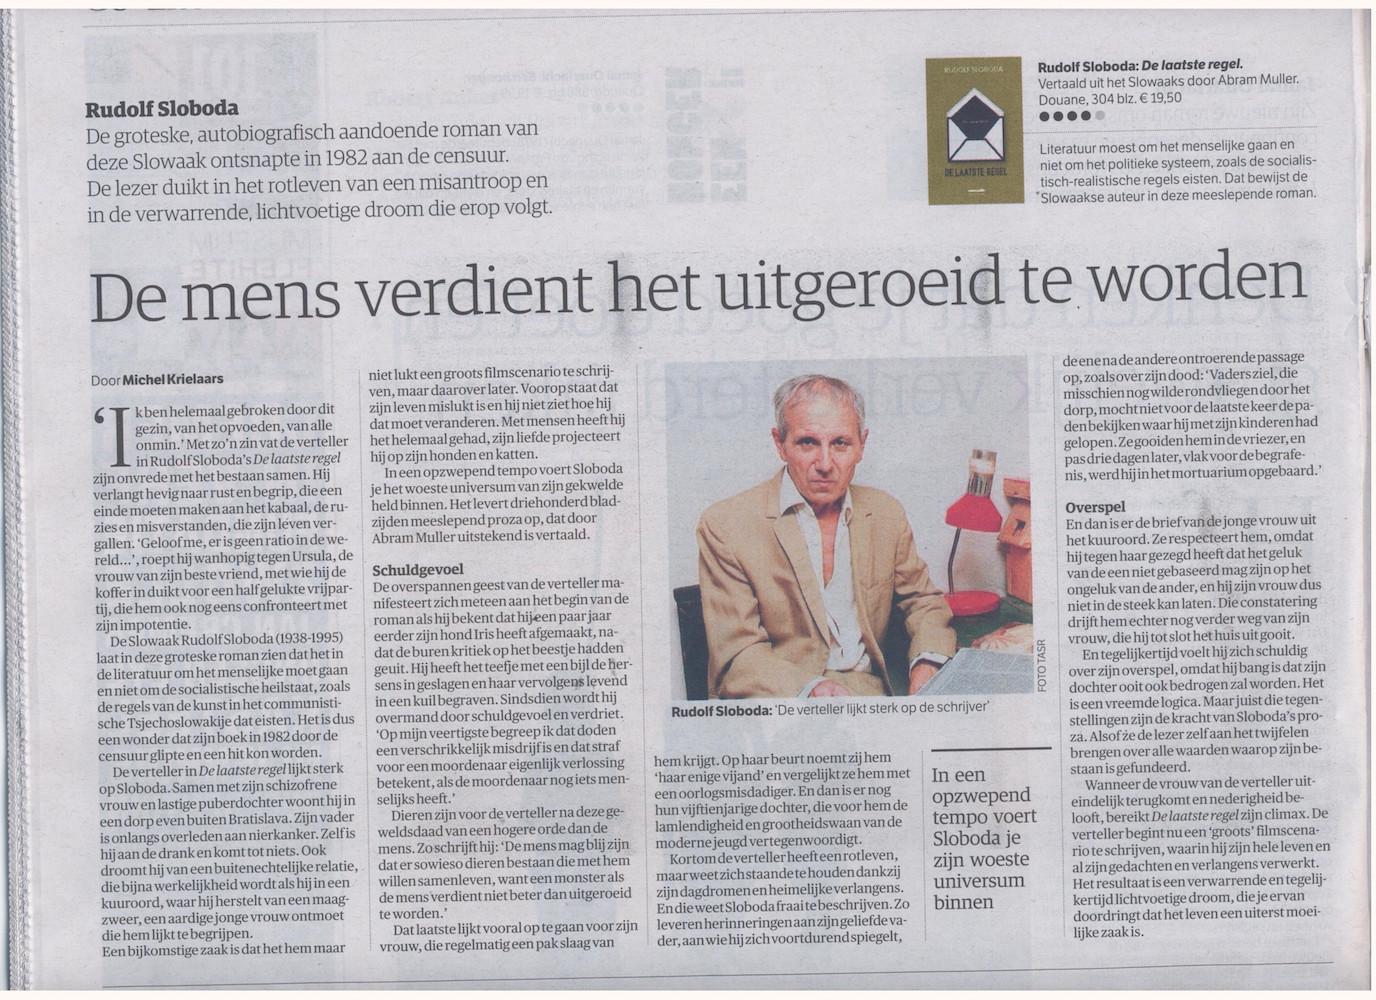 recensie Sloboda, 15 mei 2015, NRC Handelsblad